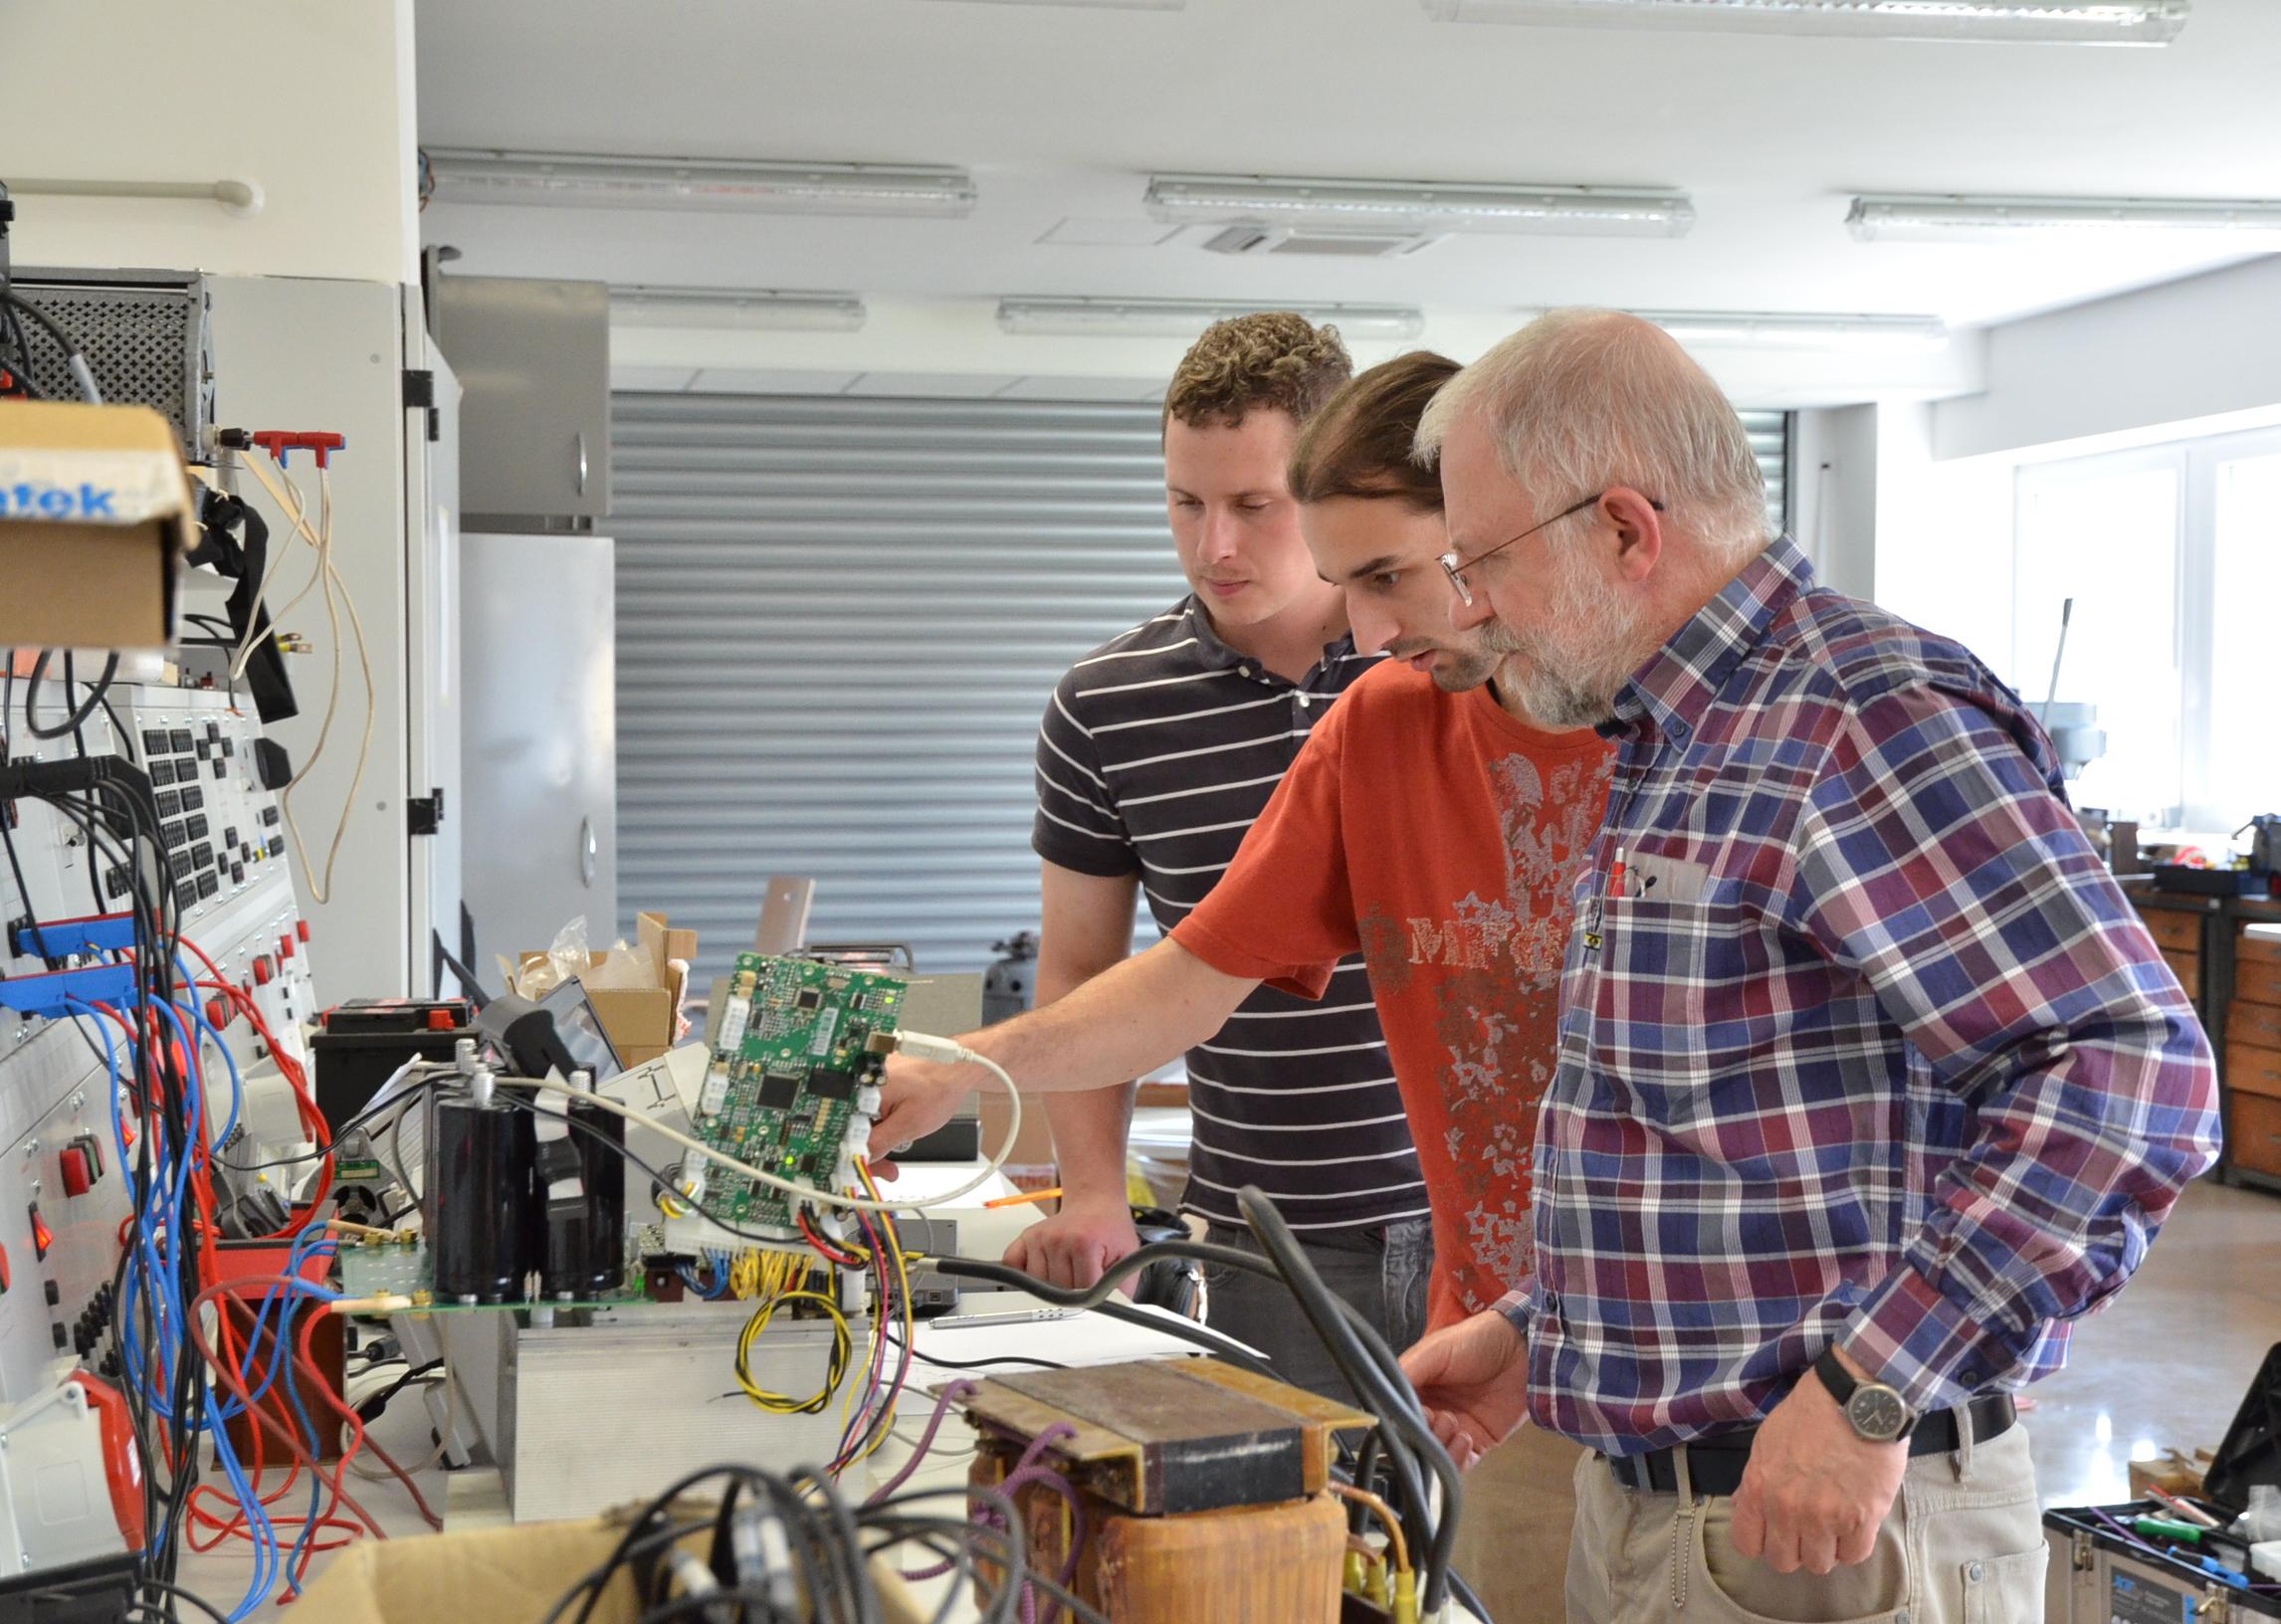 Laboratoř speciální výkonové elektroniky - Oživování funkčního vzorku měniče pro třífázový synchronní motor